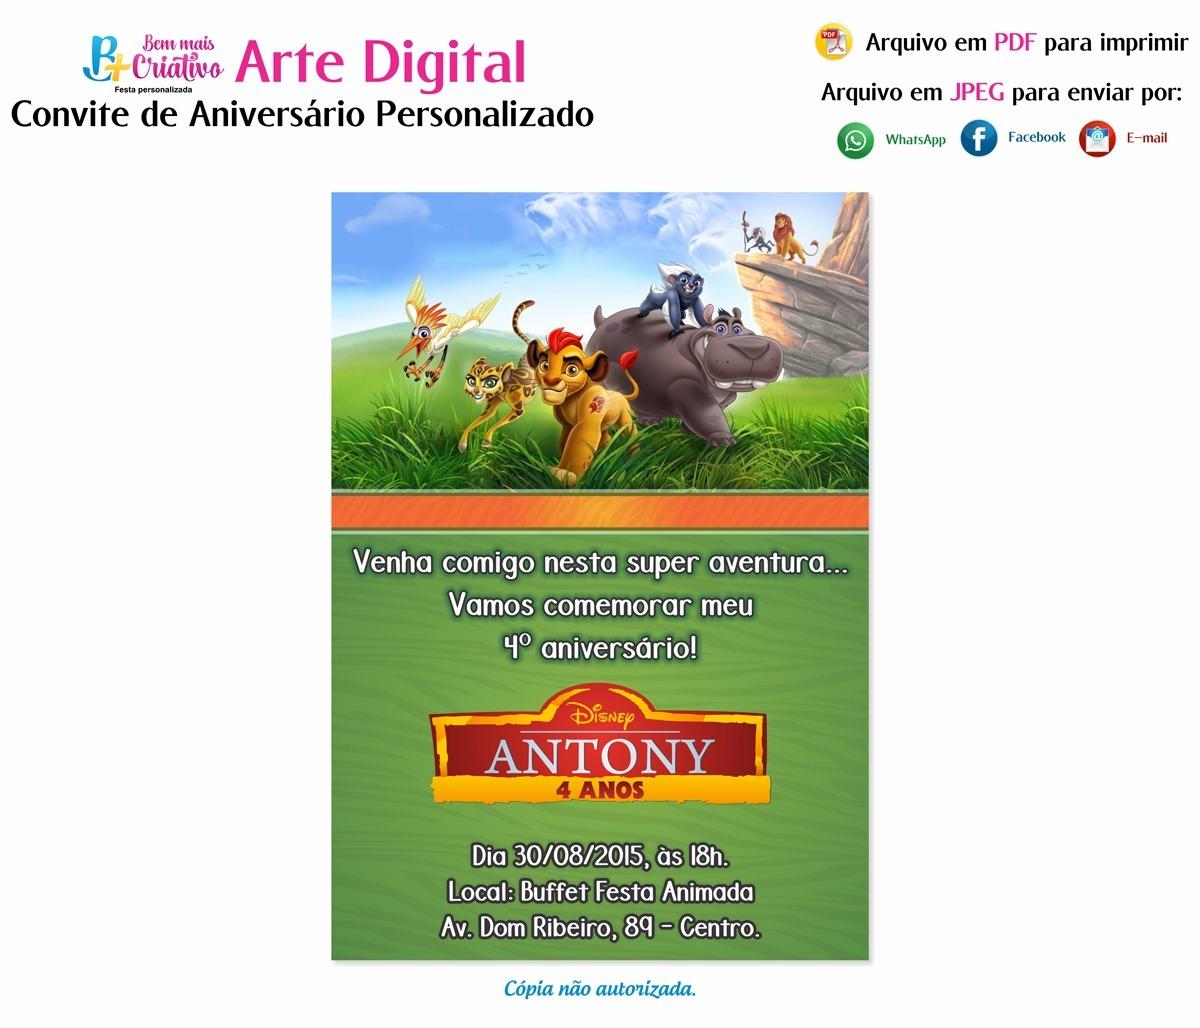 9fe8bf11c80c1 Convite A Guarda Do Leão - Arte Digital - Envio Por E-mail - R  19 ...